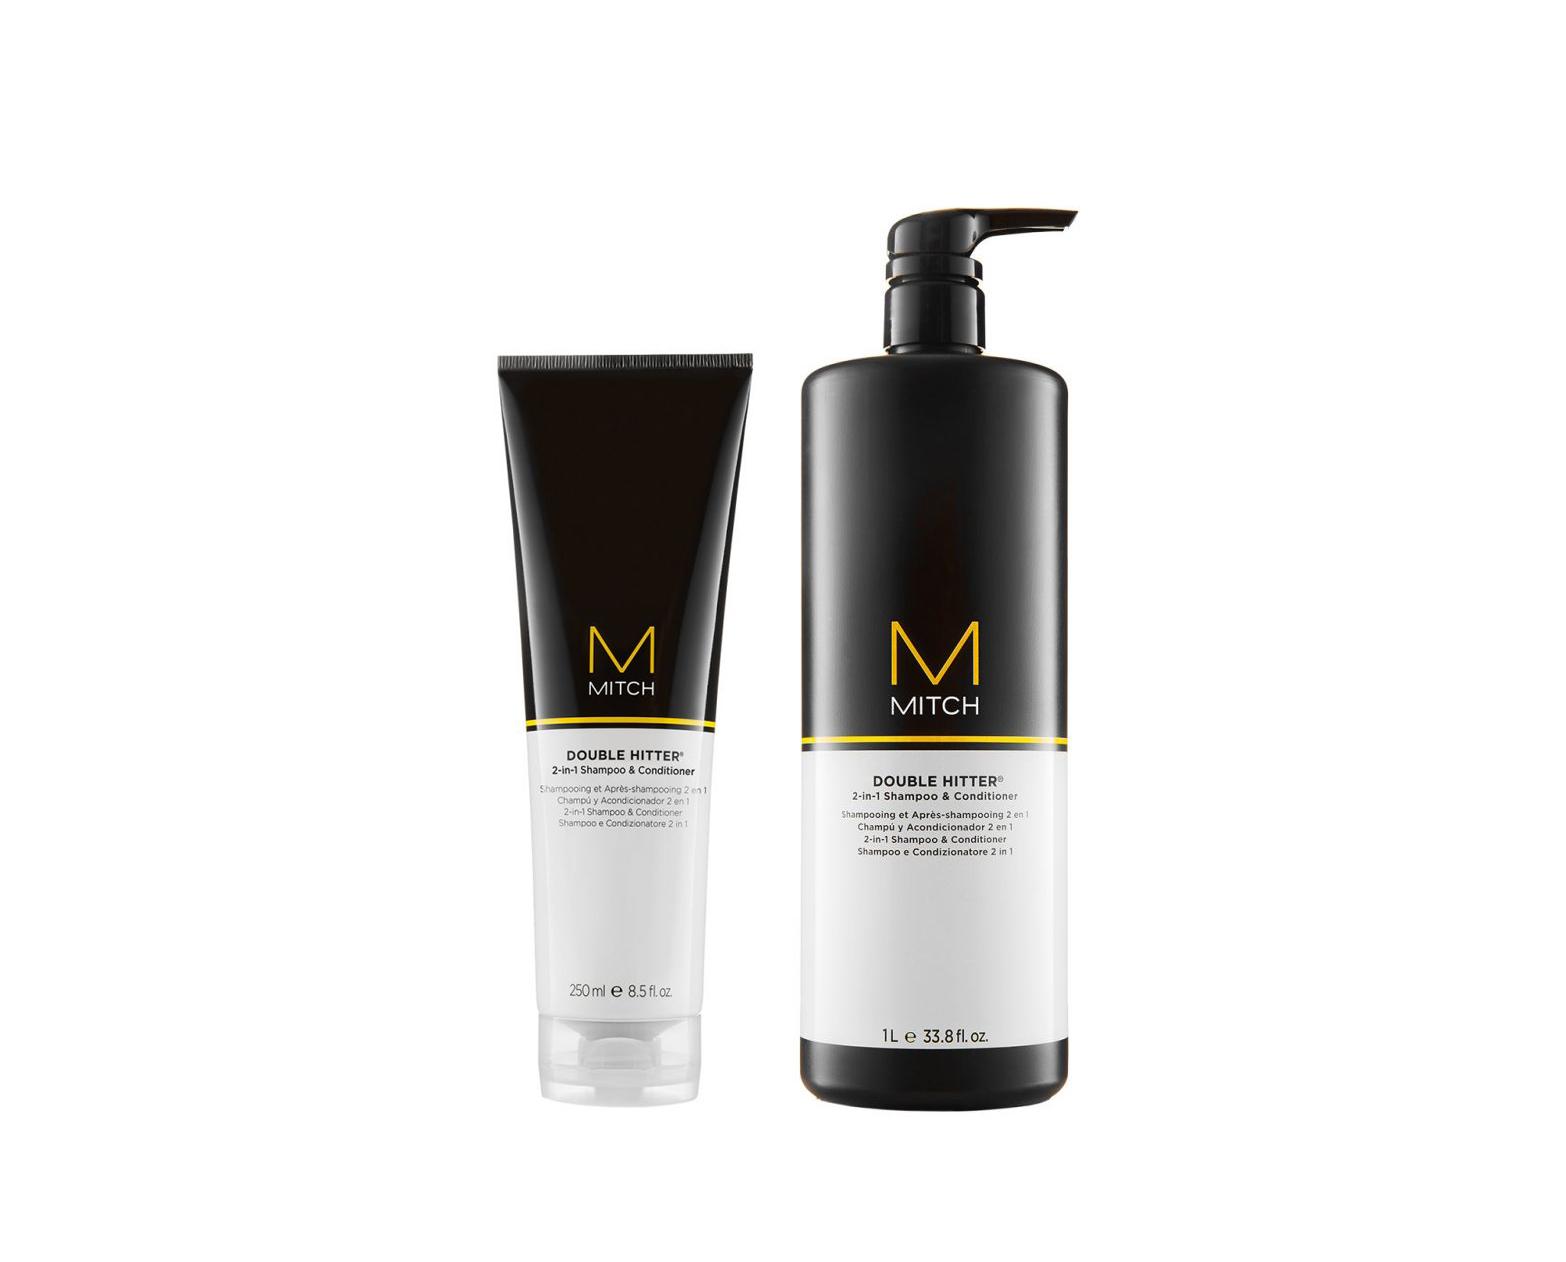 Paul Mitchell MITCH Double Hitter 2 in 1 - ošetrujúci šampón a starostlivosť pre mužov